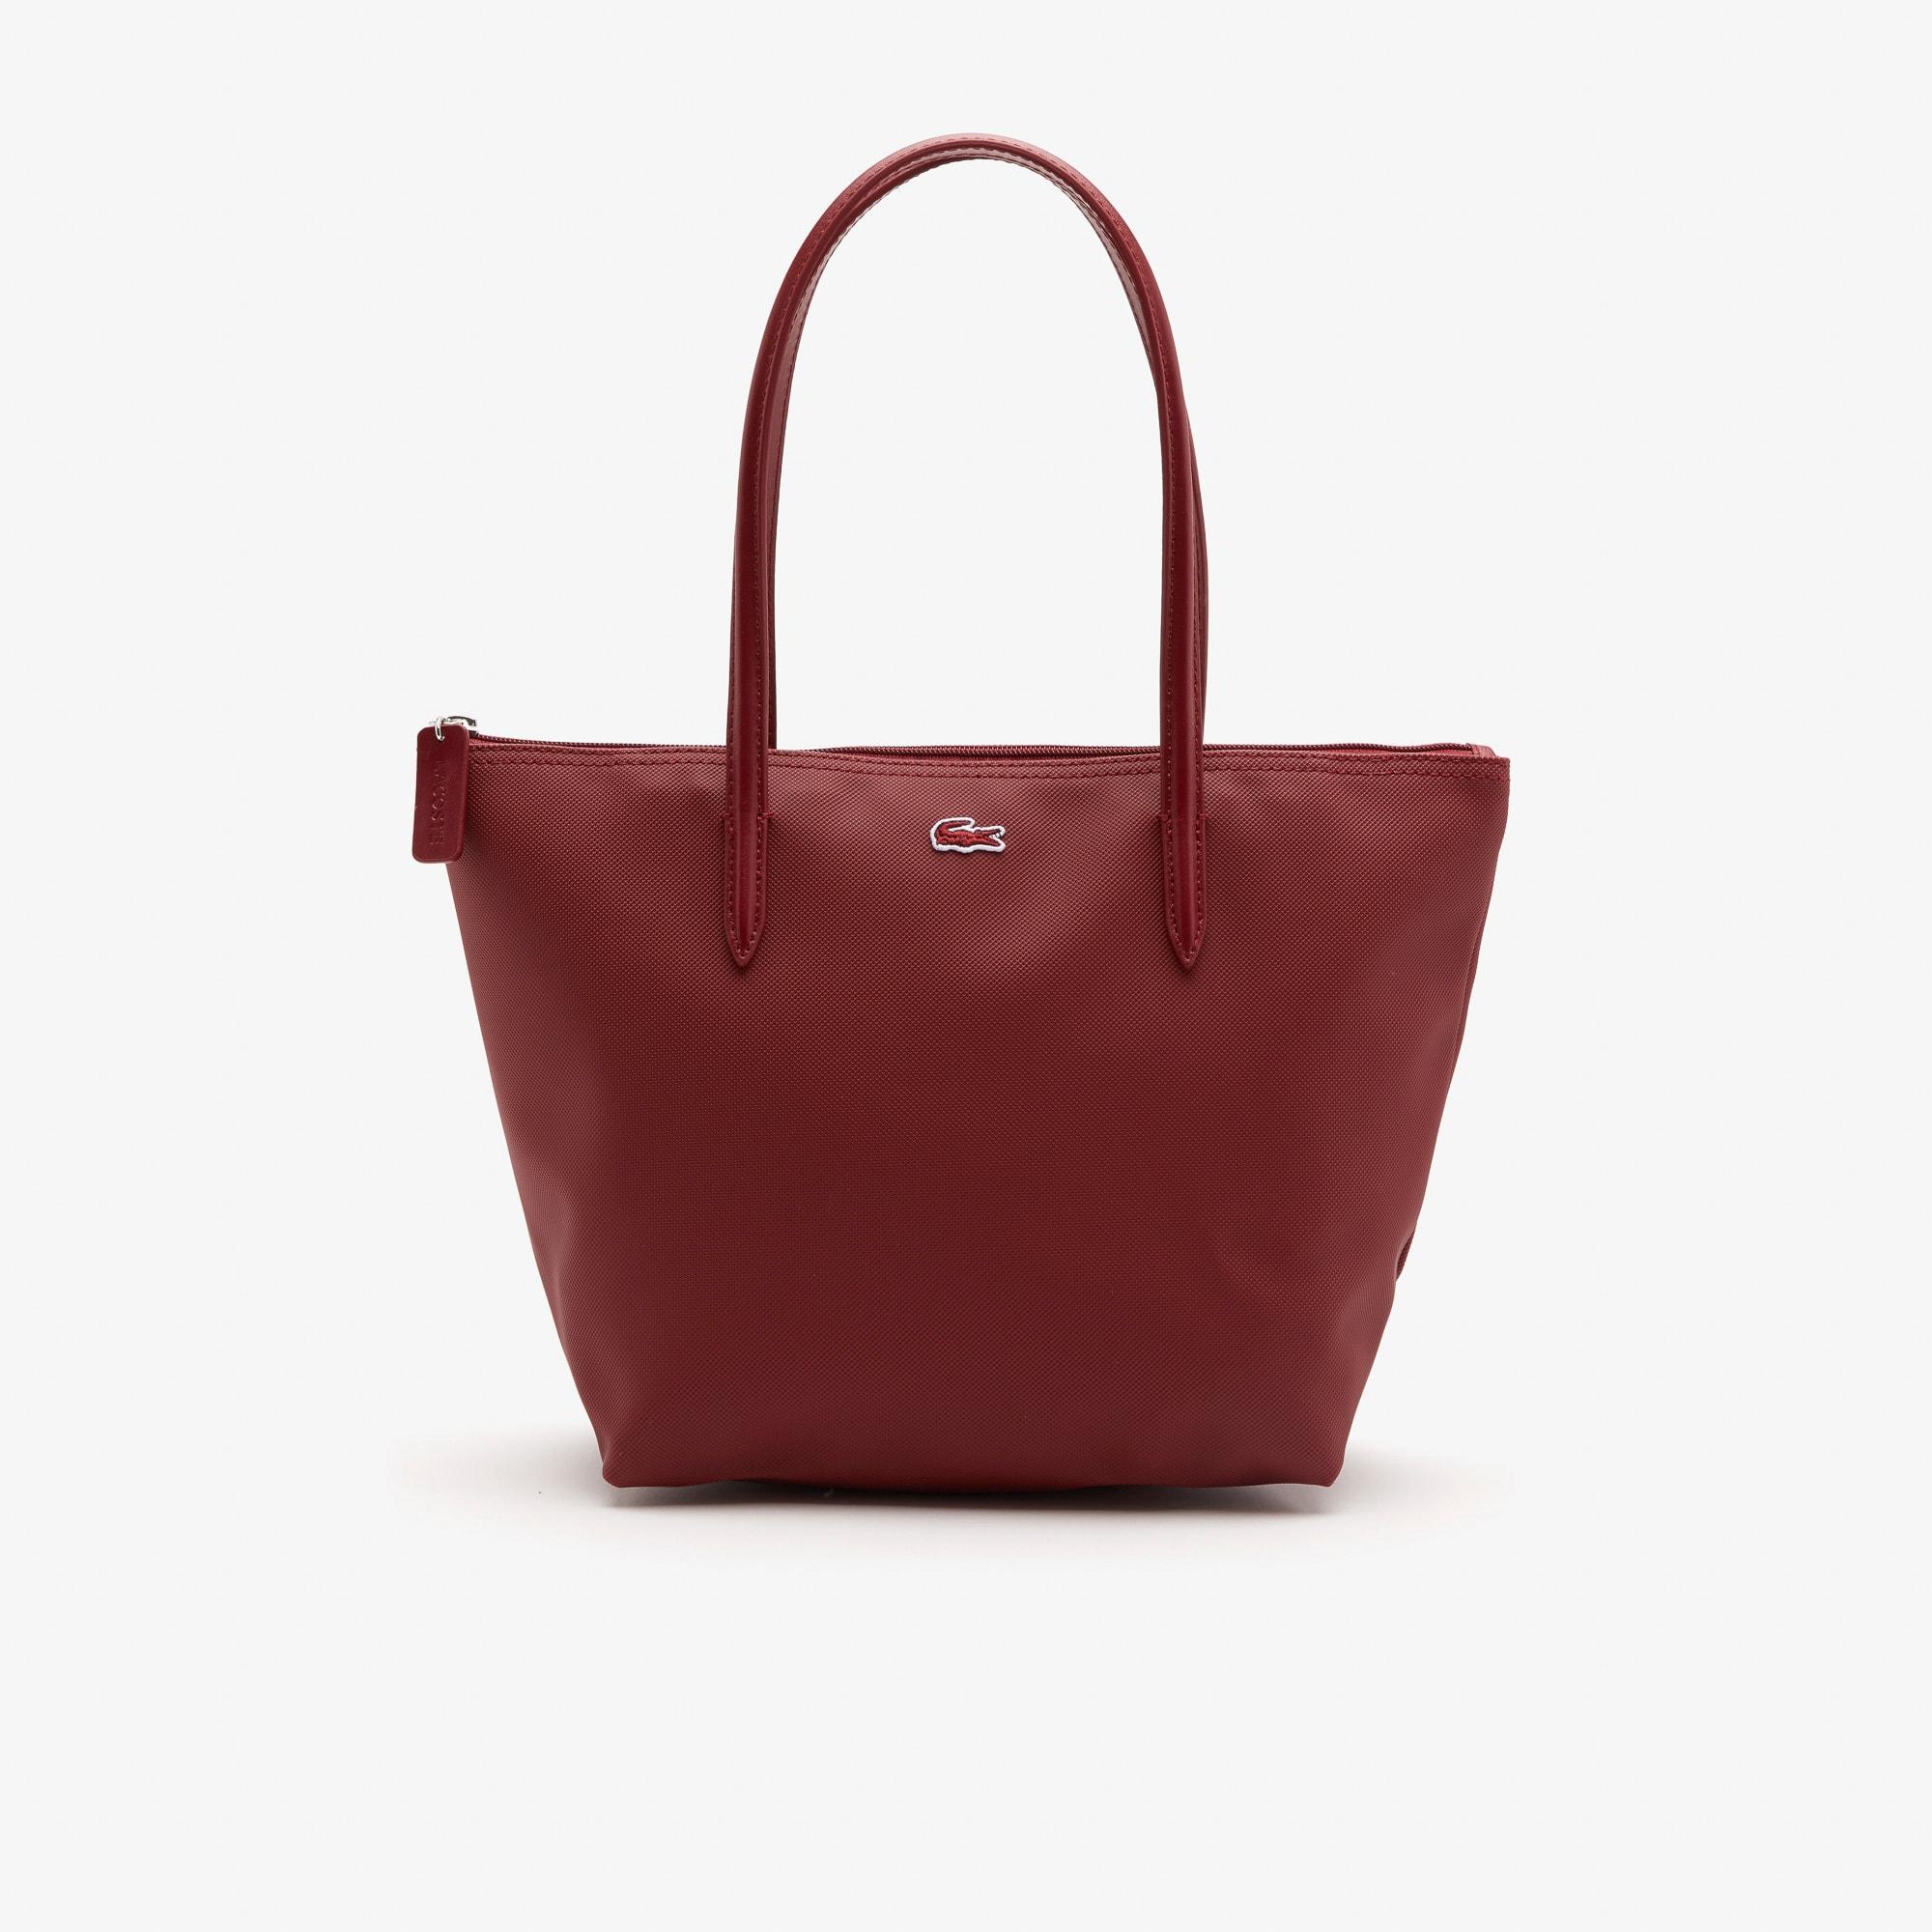 Petit sac cabas zippé L.12.12 Concept uni